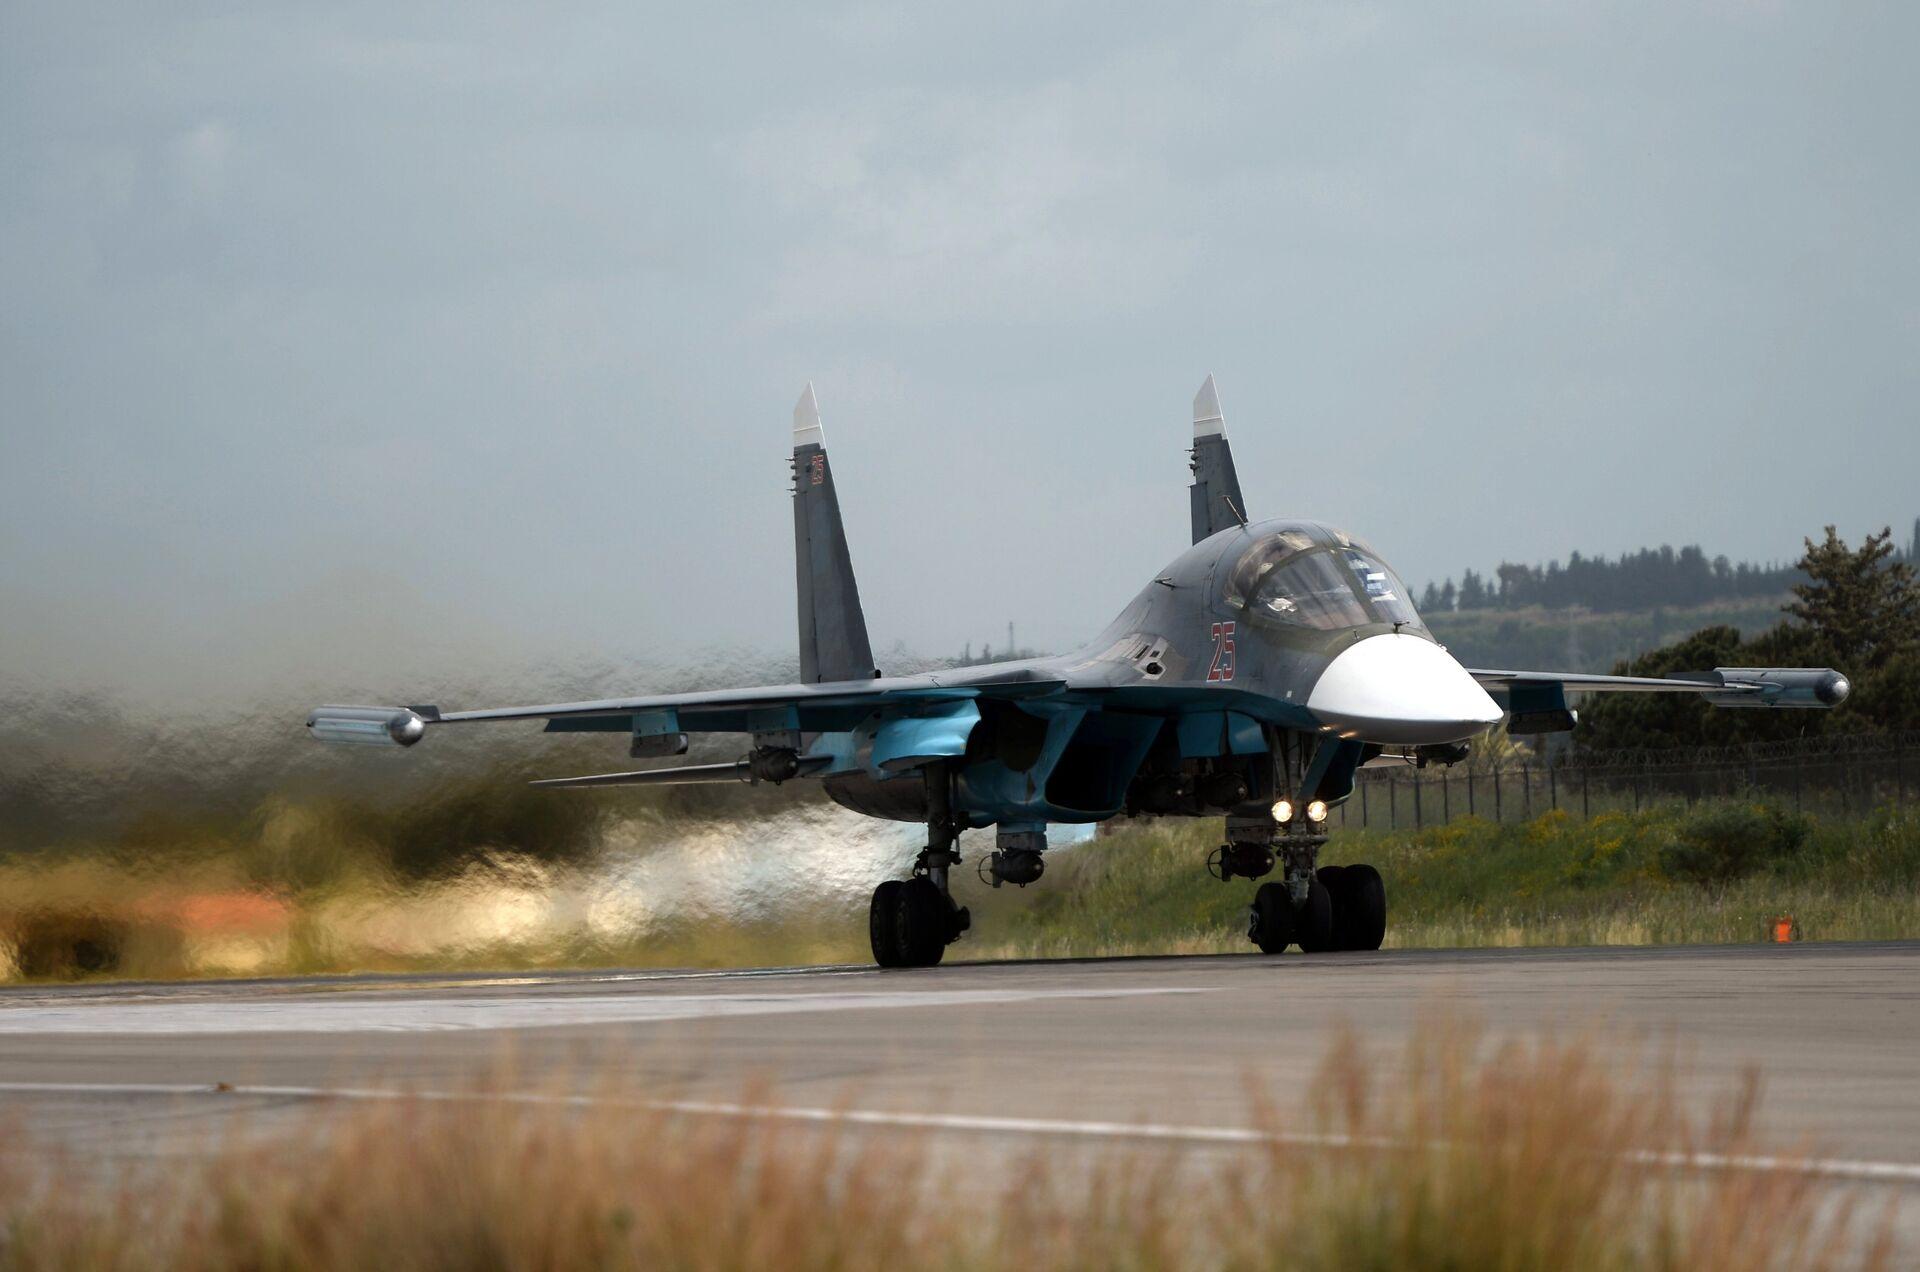 Российский истребитель Су-34 совершает взлет на авиабазе Хмеймим в Сирии - РИА Новости, 1920, 28.09.2020